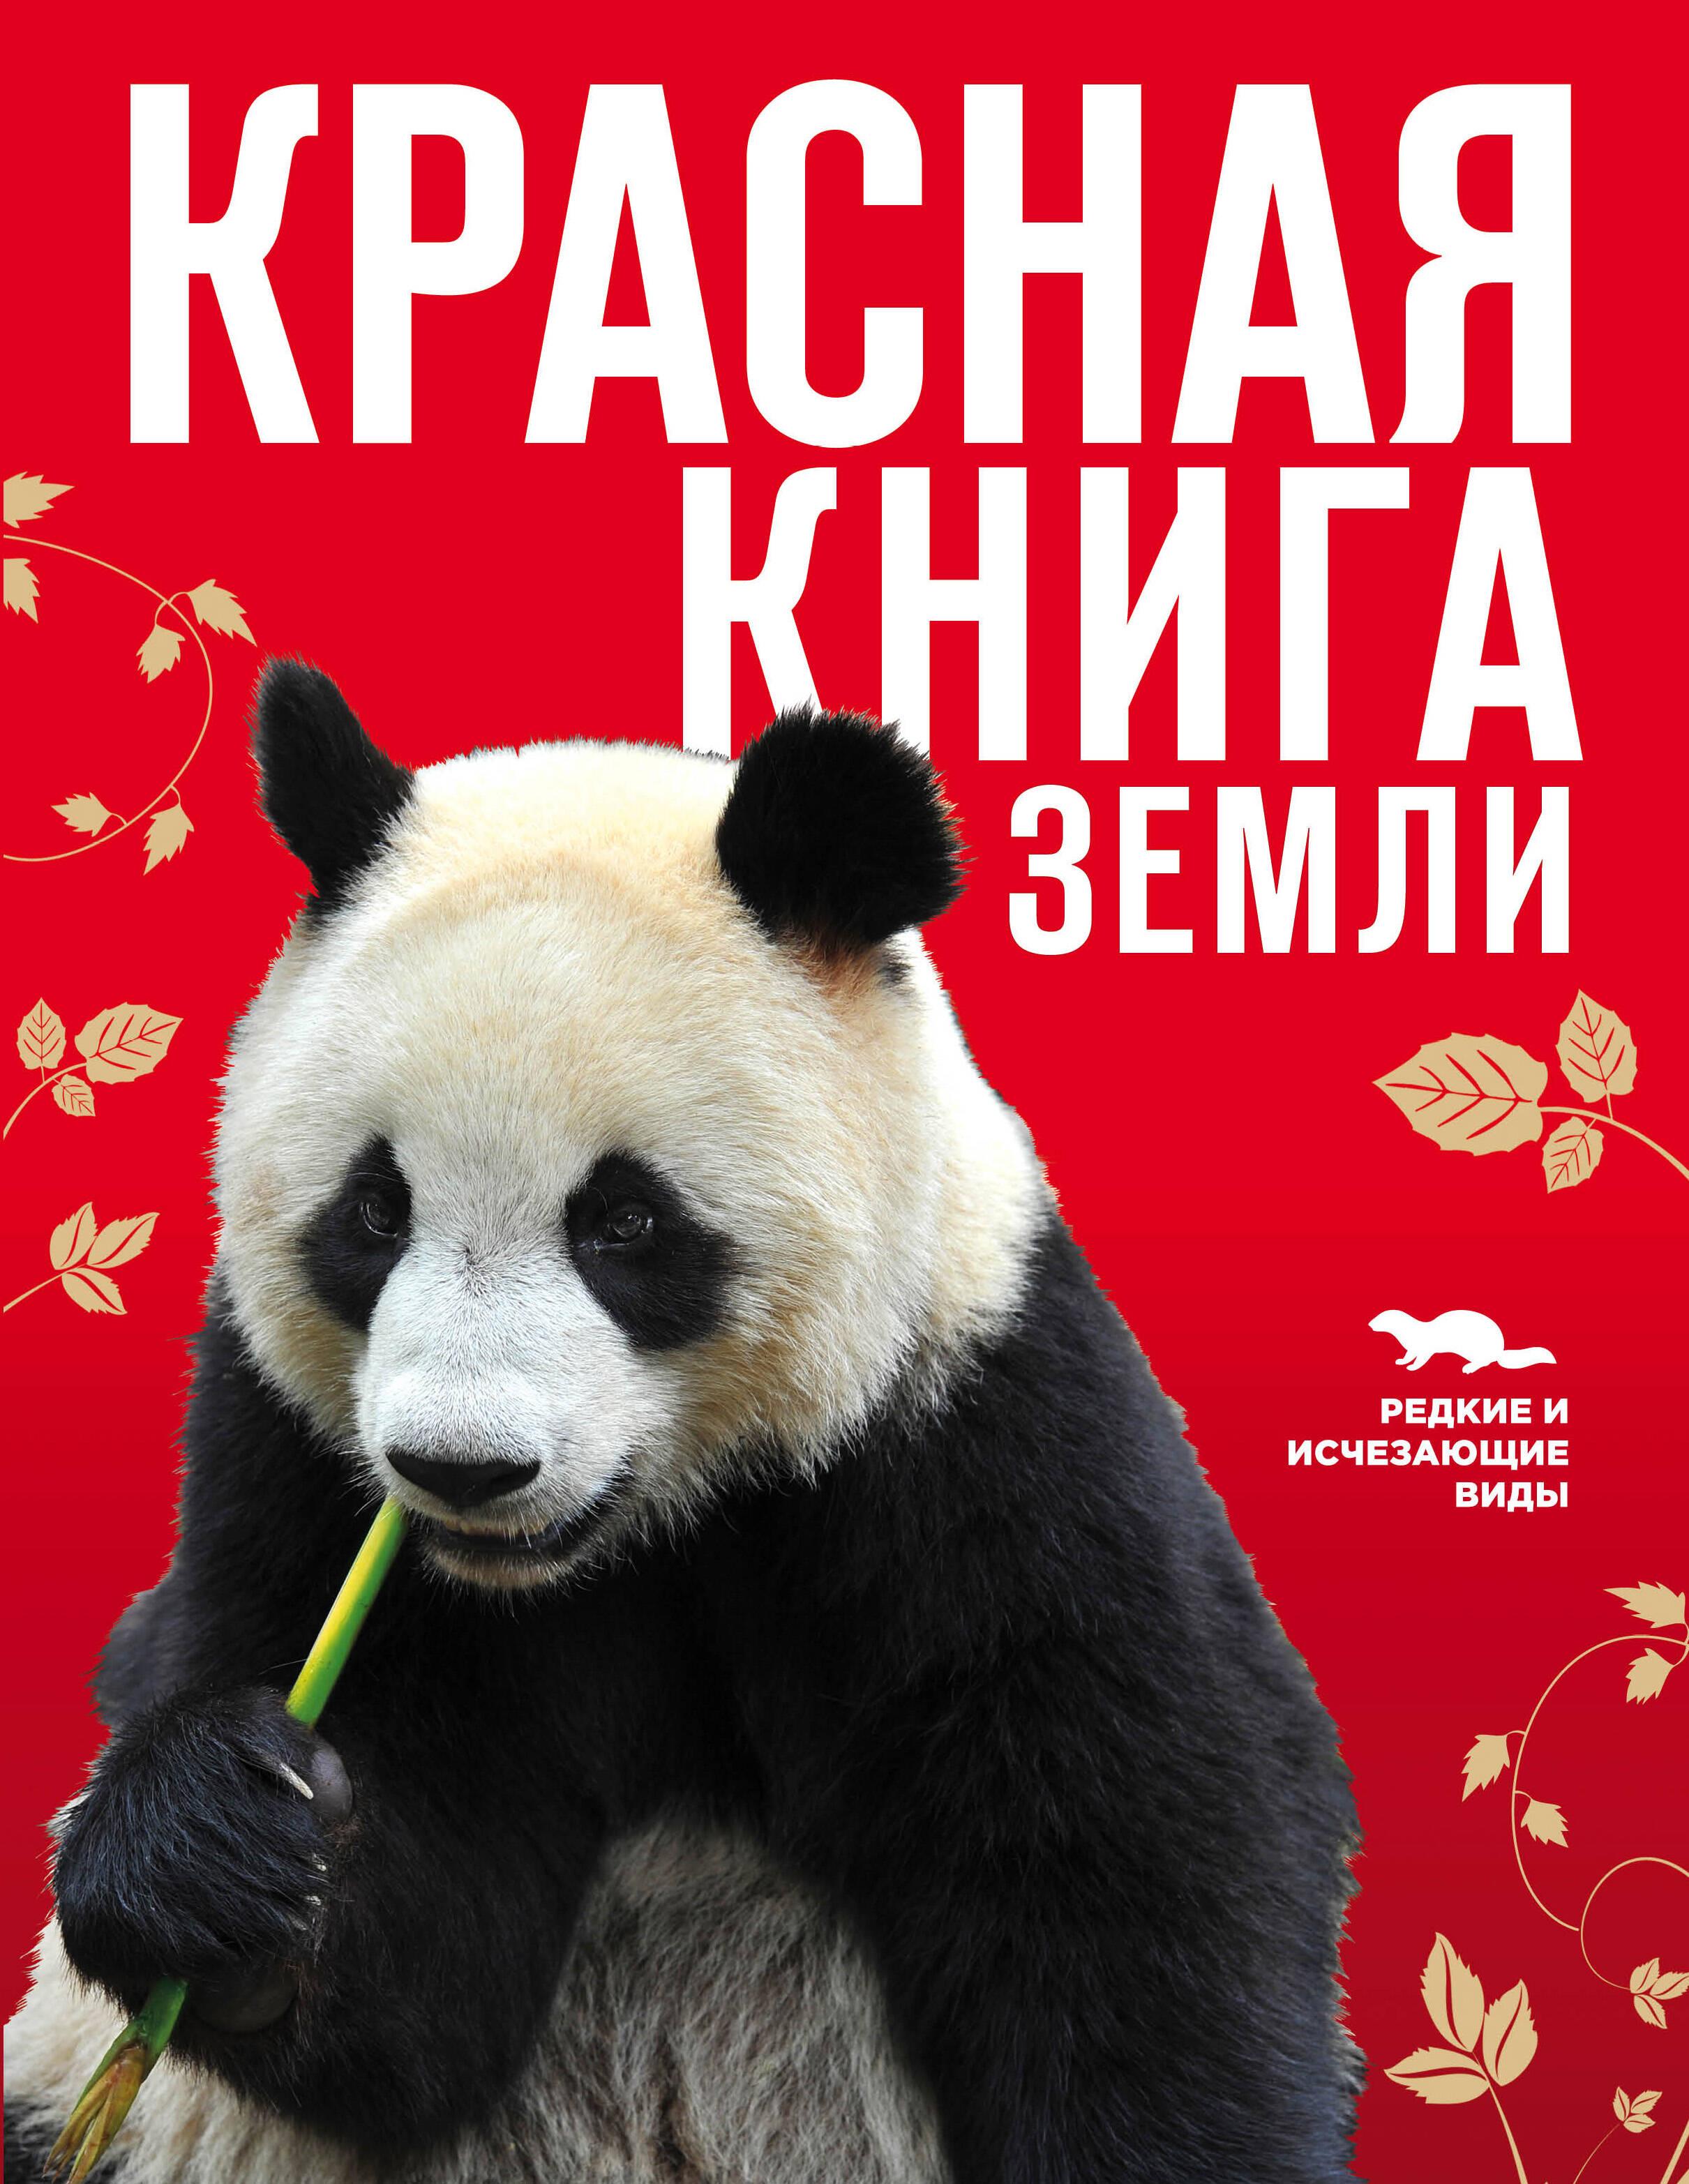 Обложка для красной книги картинка